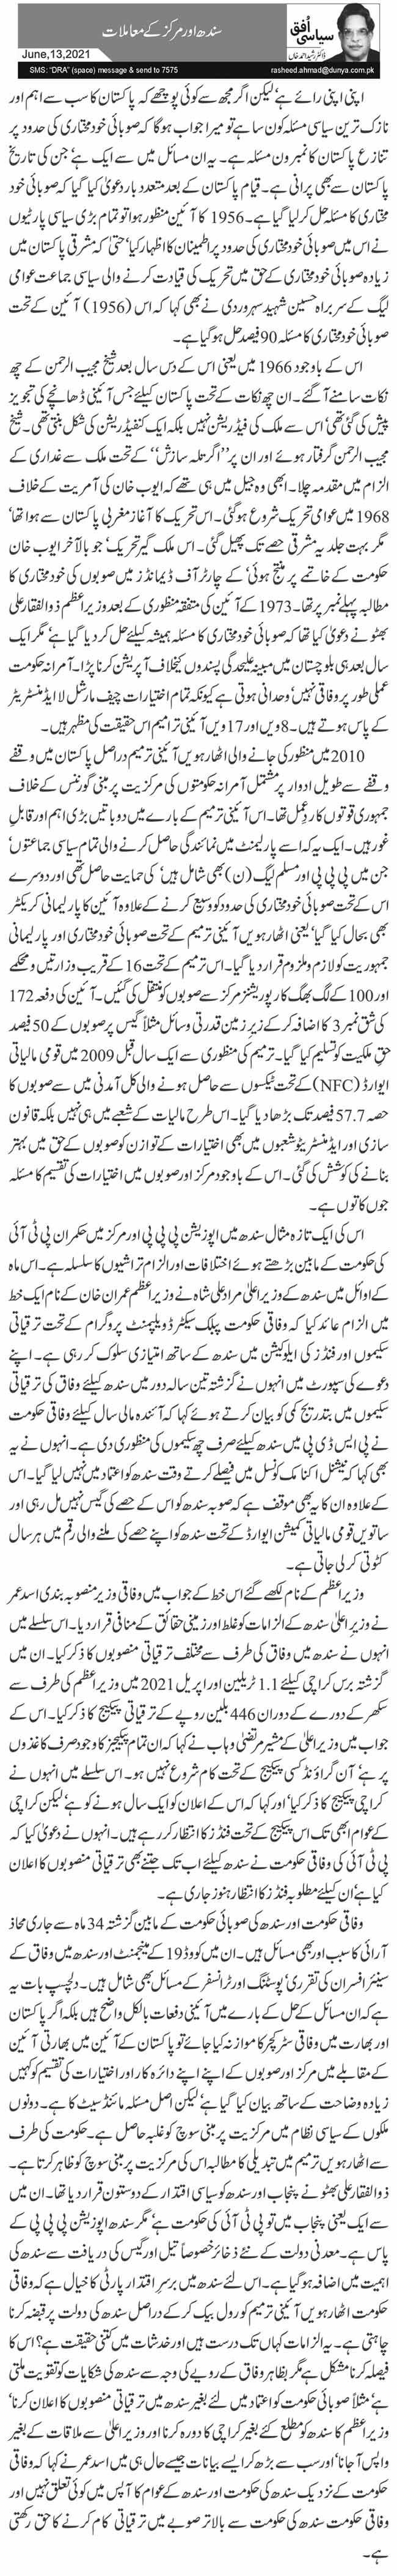 سندھ اور مرکز کے معاملات